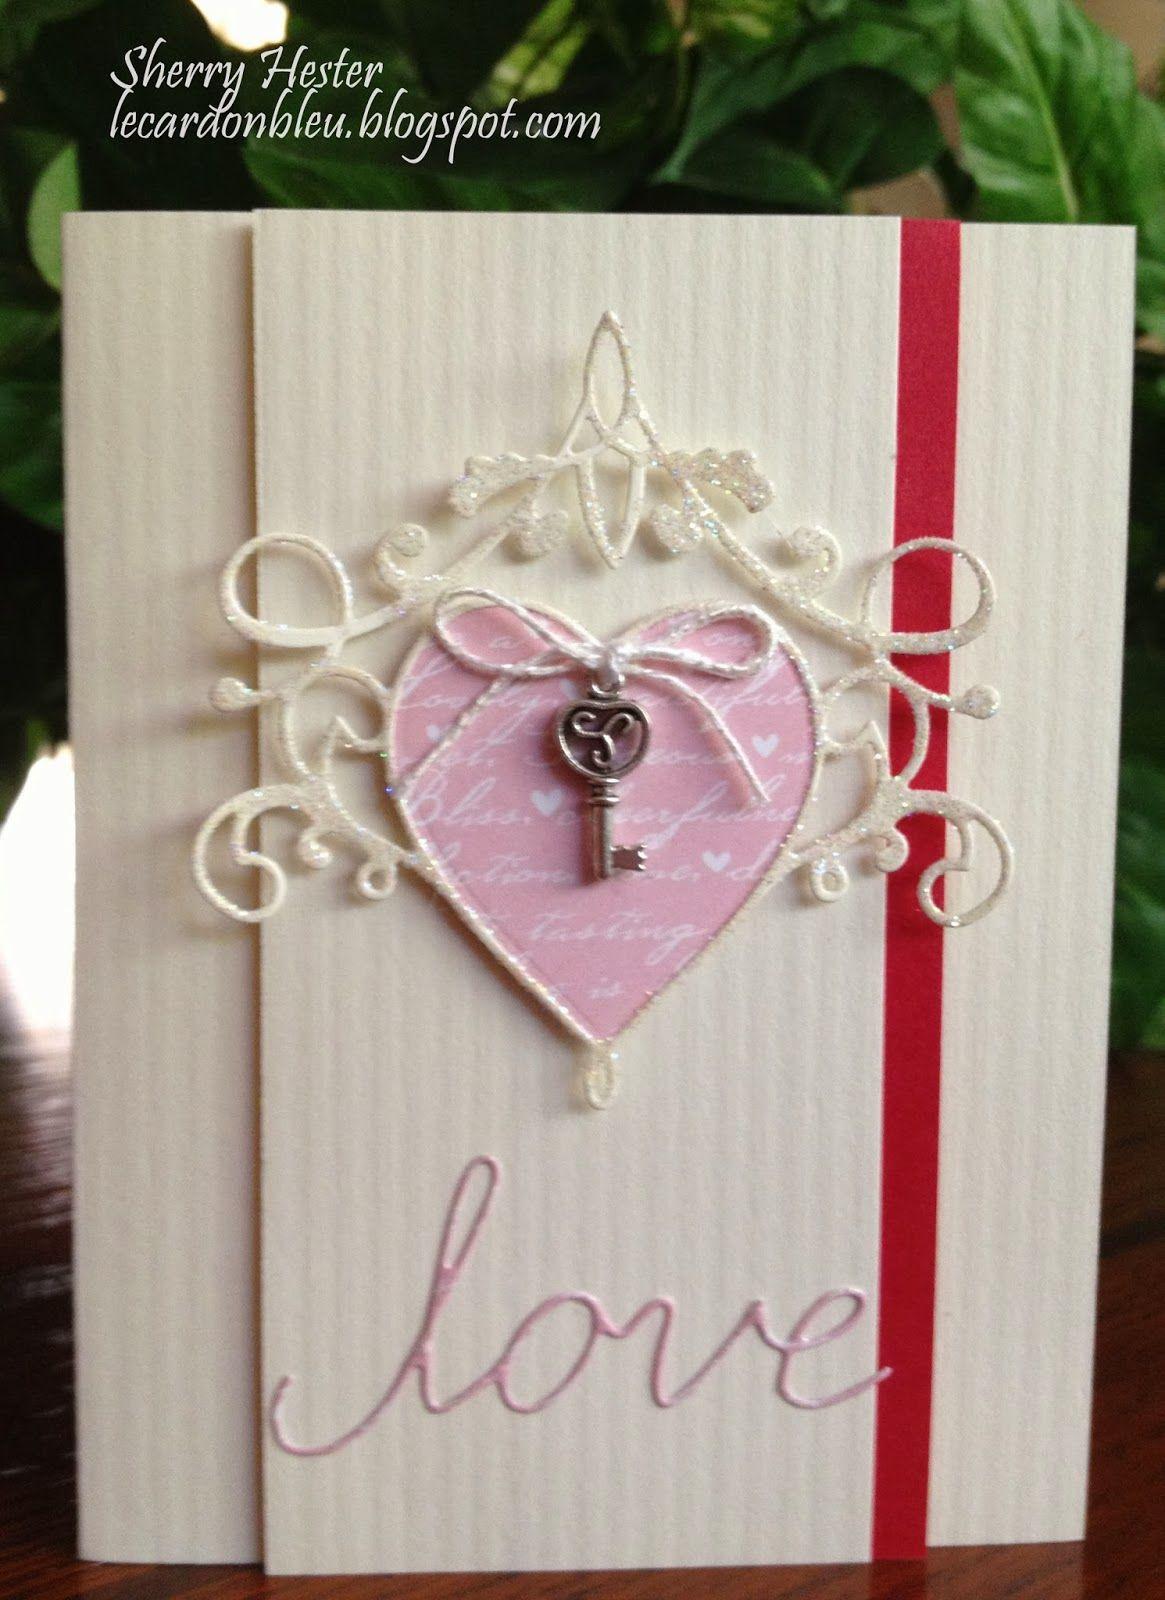 Le Cardon Bleu Valentine love cards, Cards handmade